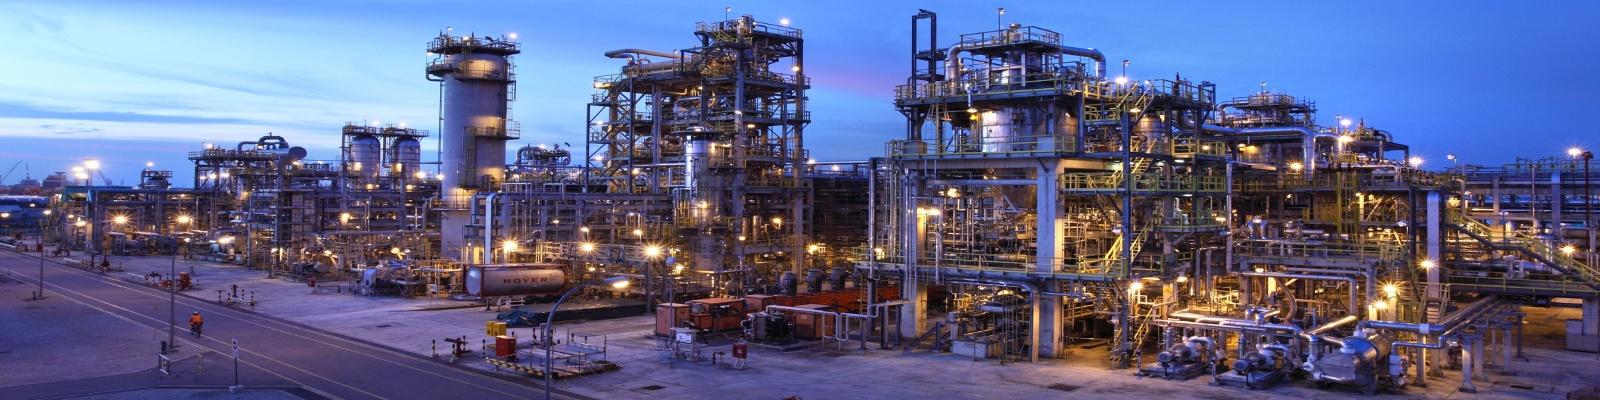 Wdrażamy Zakładową Kontrolę Produkcji ZKP w Budownictwie